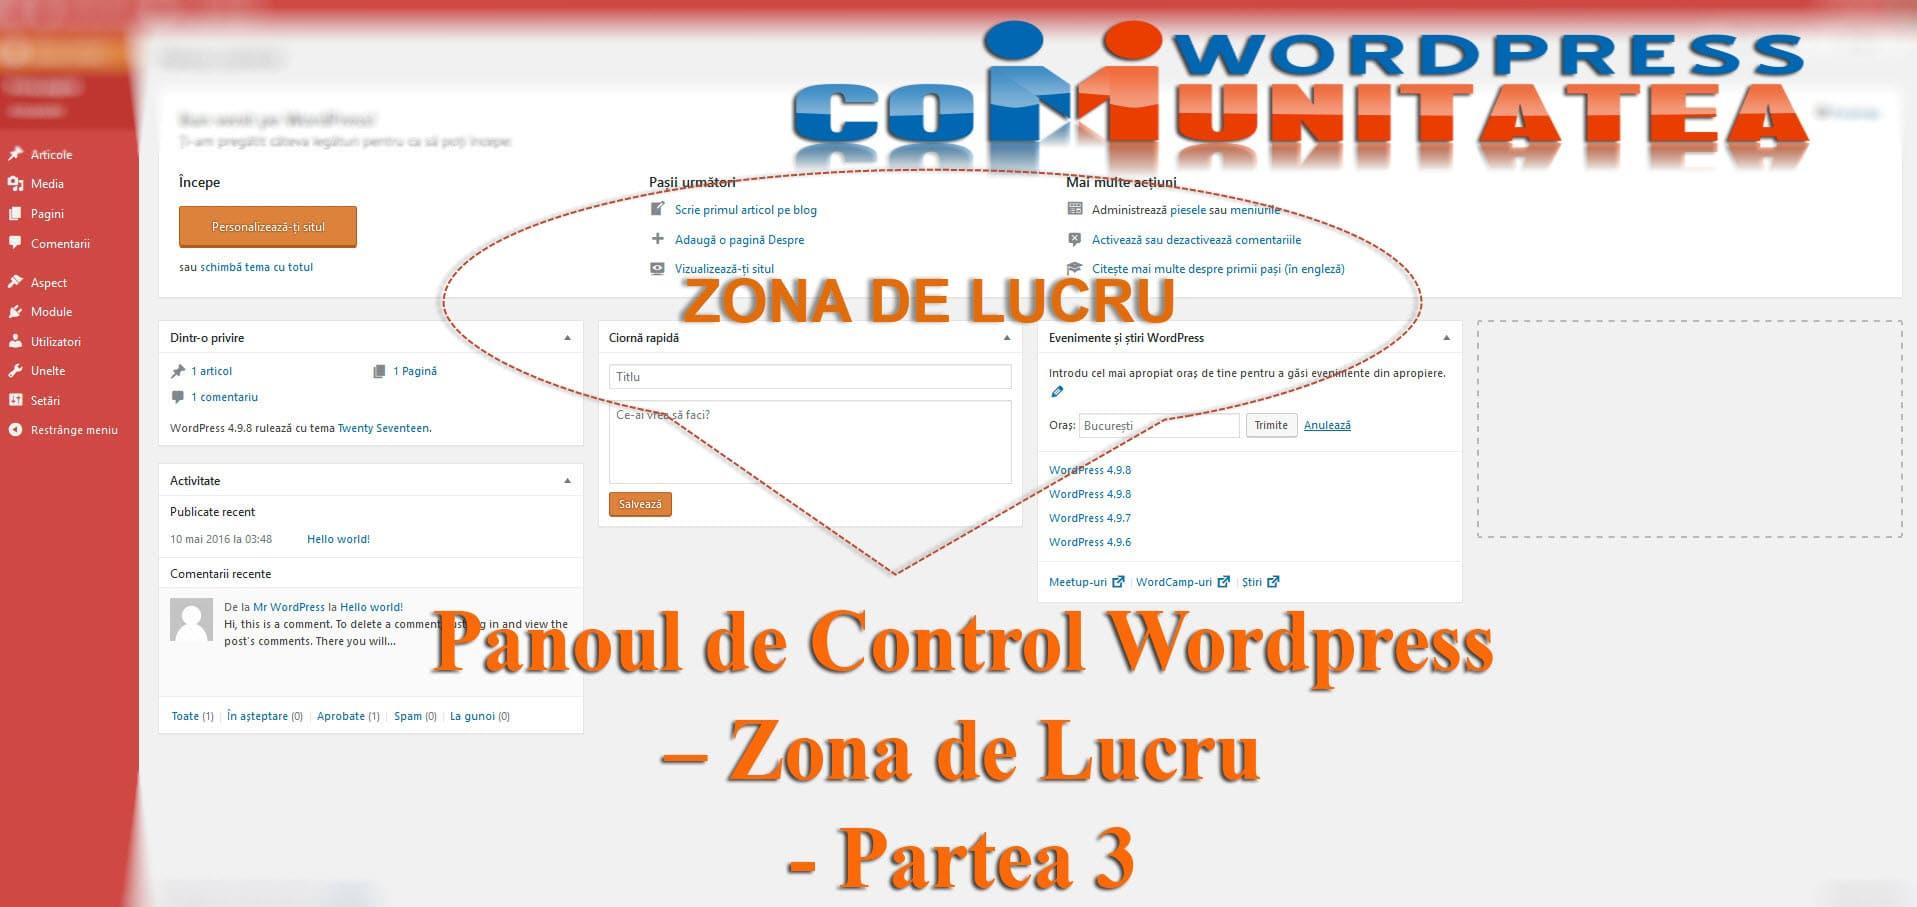 Panoul de Control Wordpress – Zona de Lucru - Partea 3